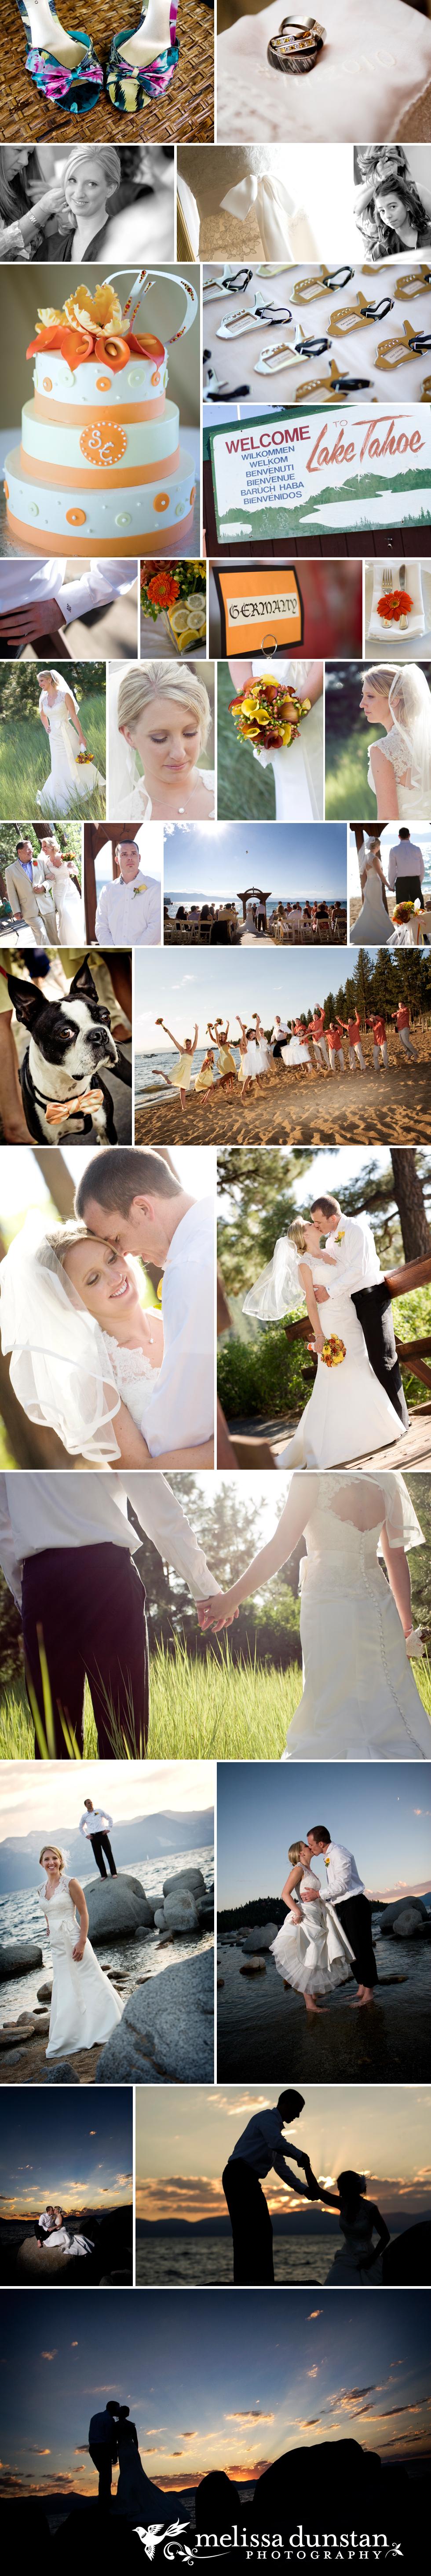 Tangerine Tango Wedding Lake Tahoe